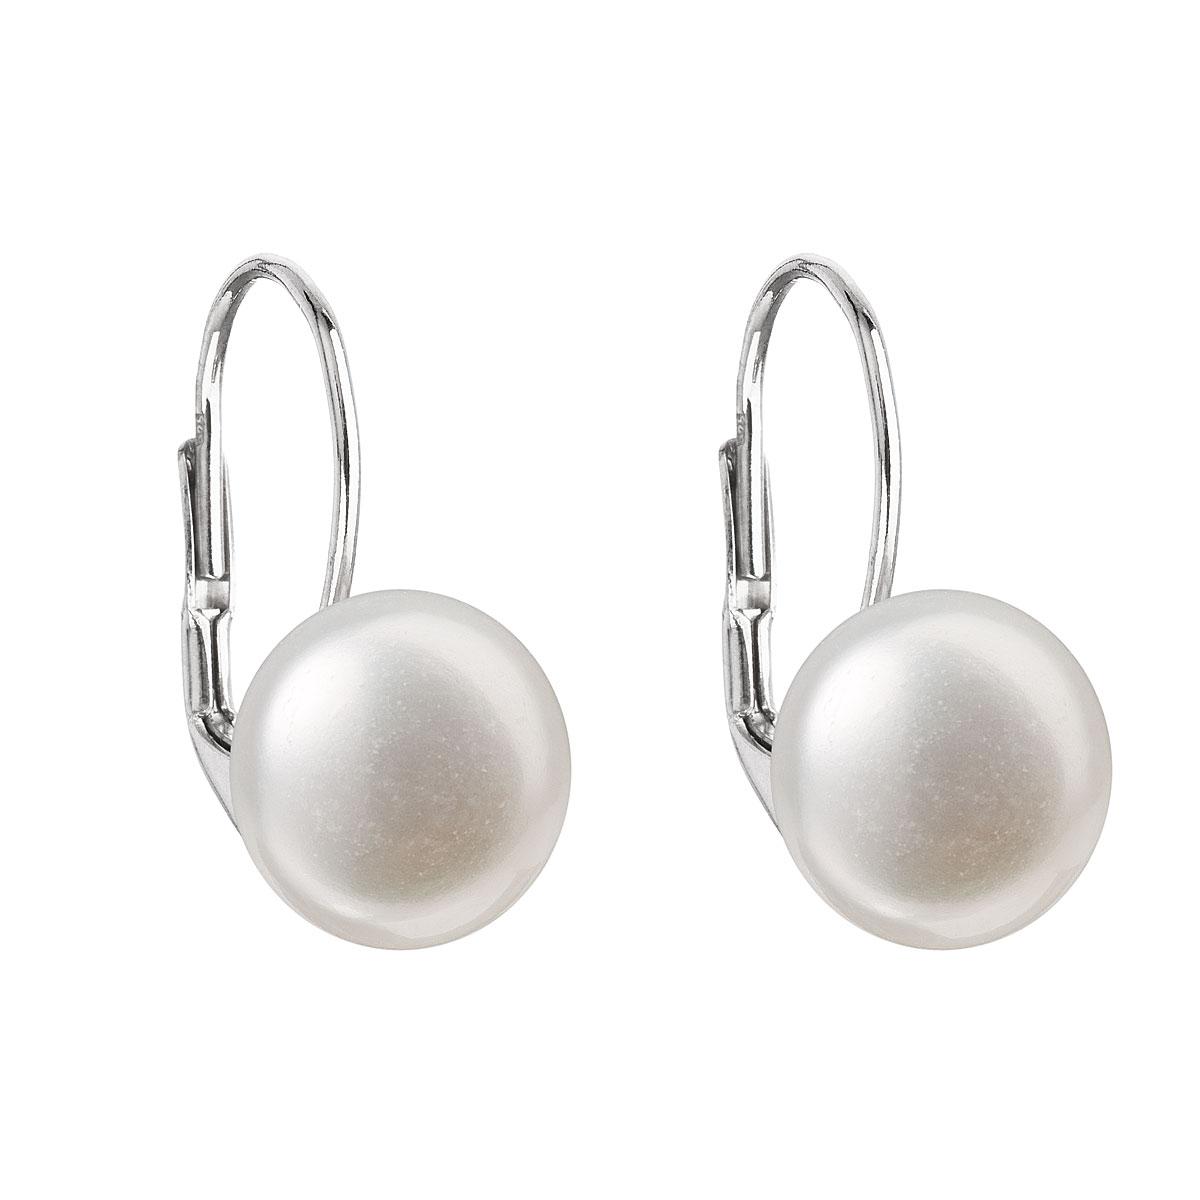 Strieborné náušnice visiace s bielou riečnou perlou 21010.1